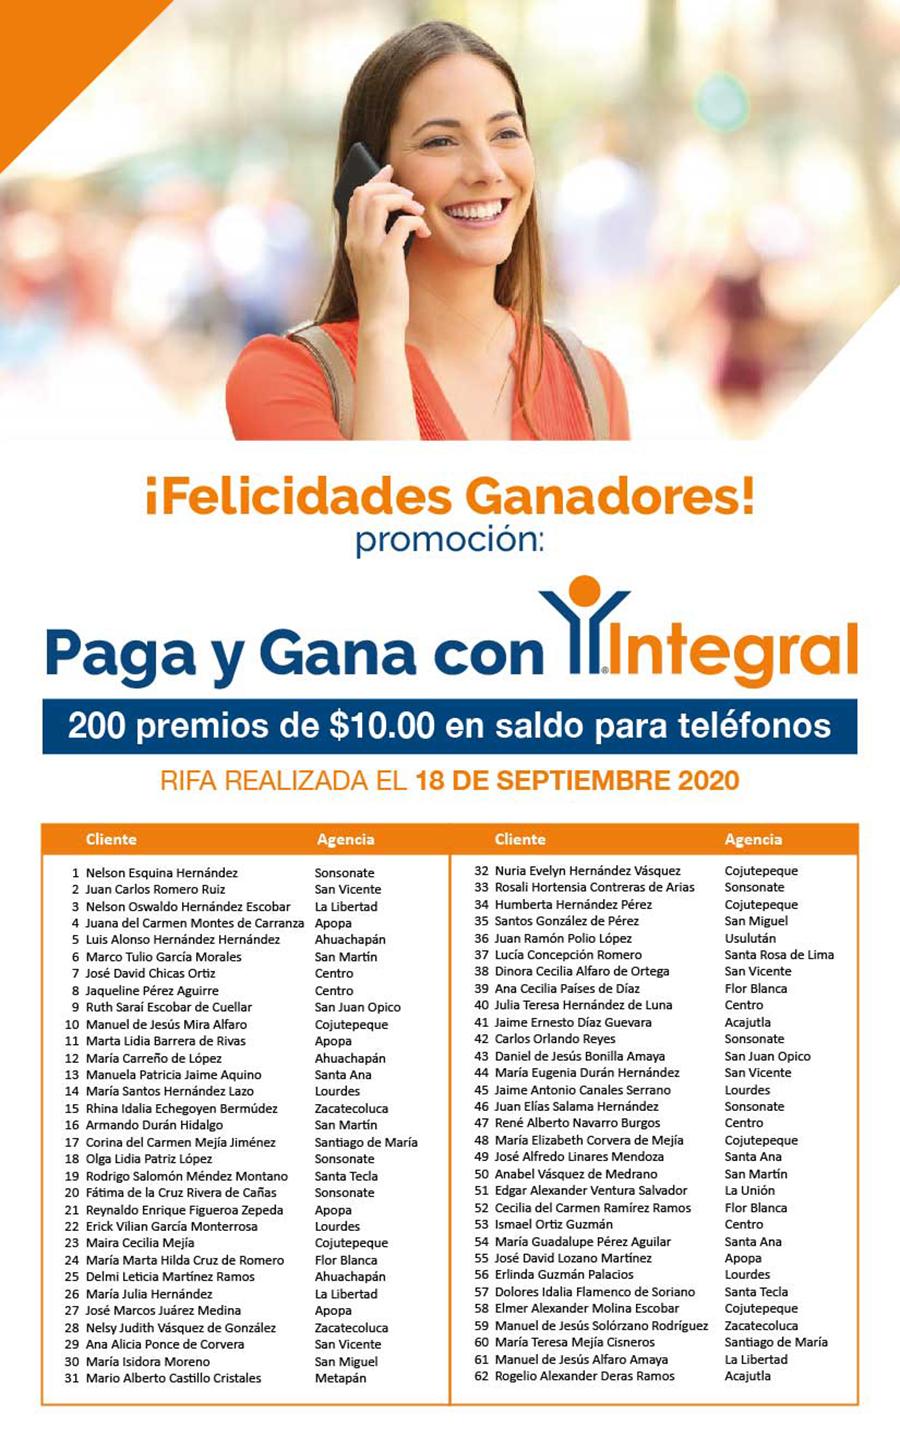 Ganadores_de_Promocion_-_Paga_y_Gana_con_Integral-01.jpg